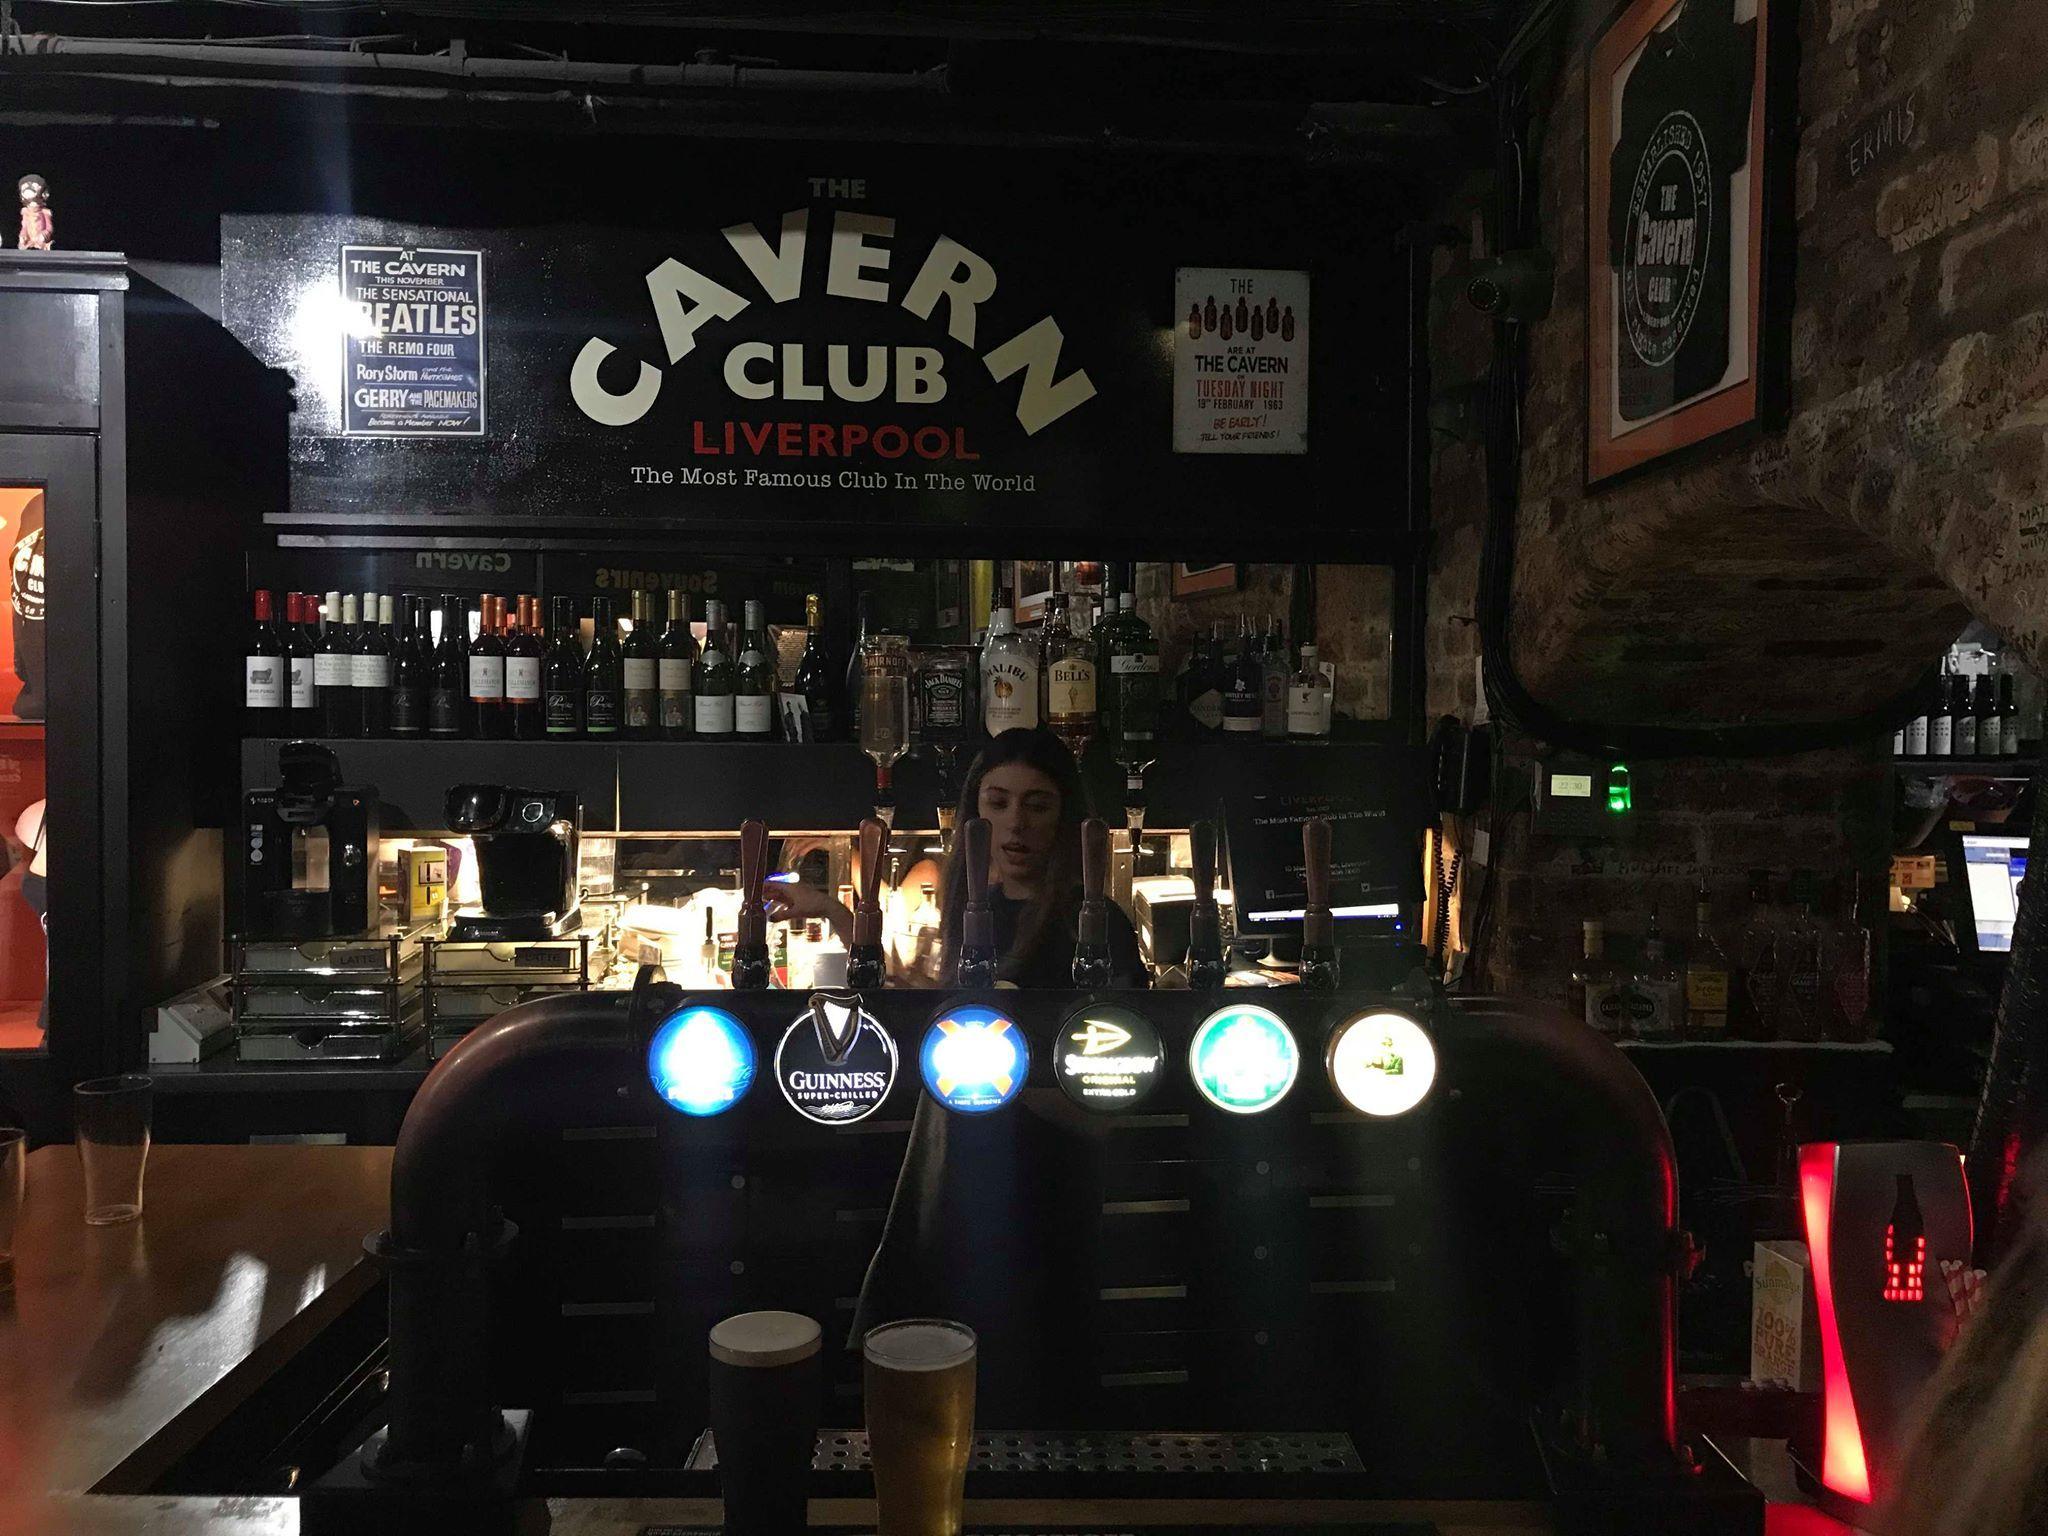 Image may contain: Pub, Bar Counter